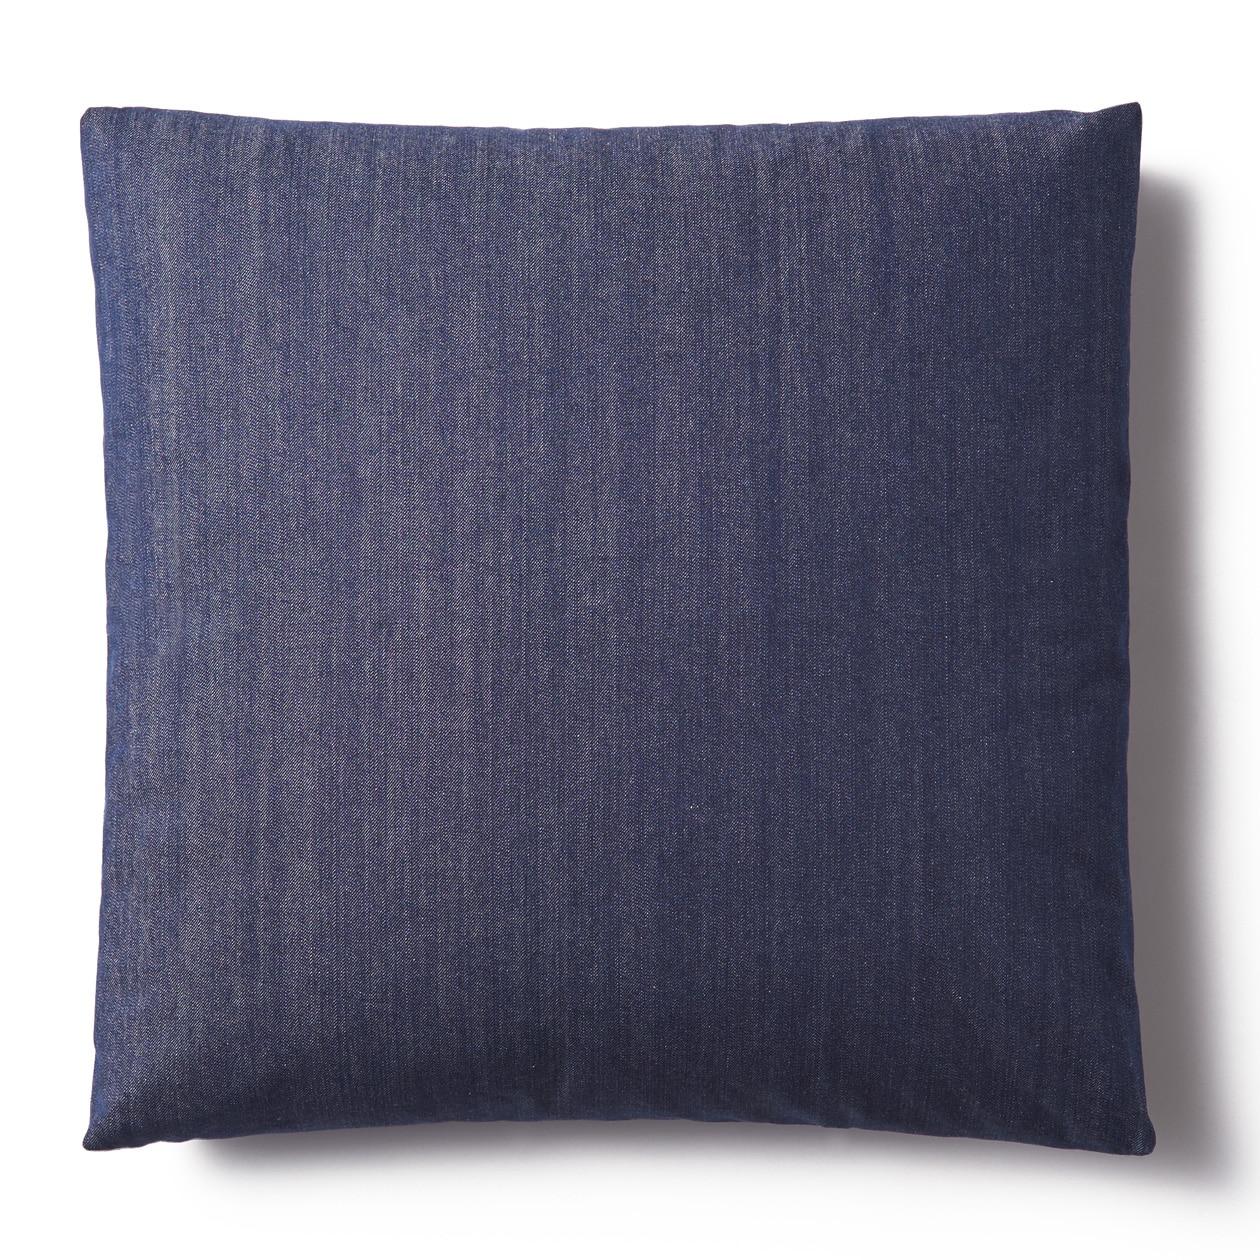 綿デニムユニットソファ用羽根クッションカバー/ブルー ブルー